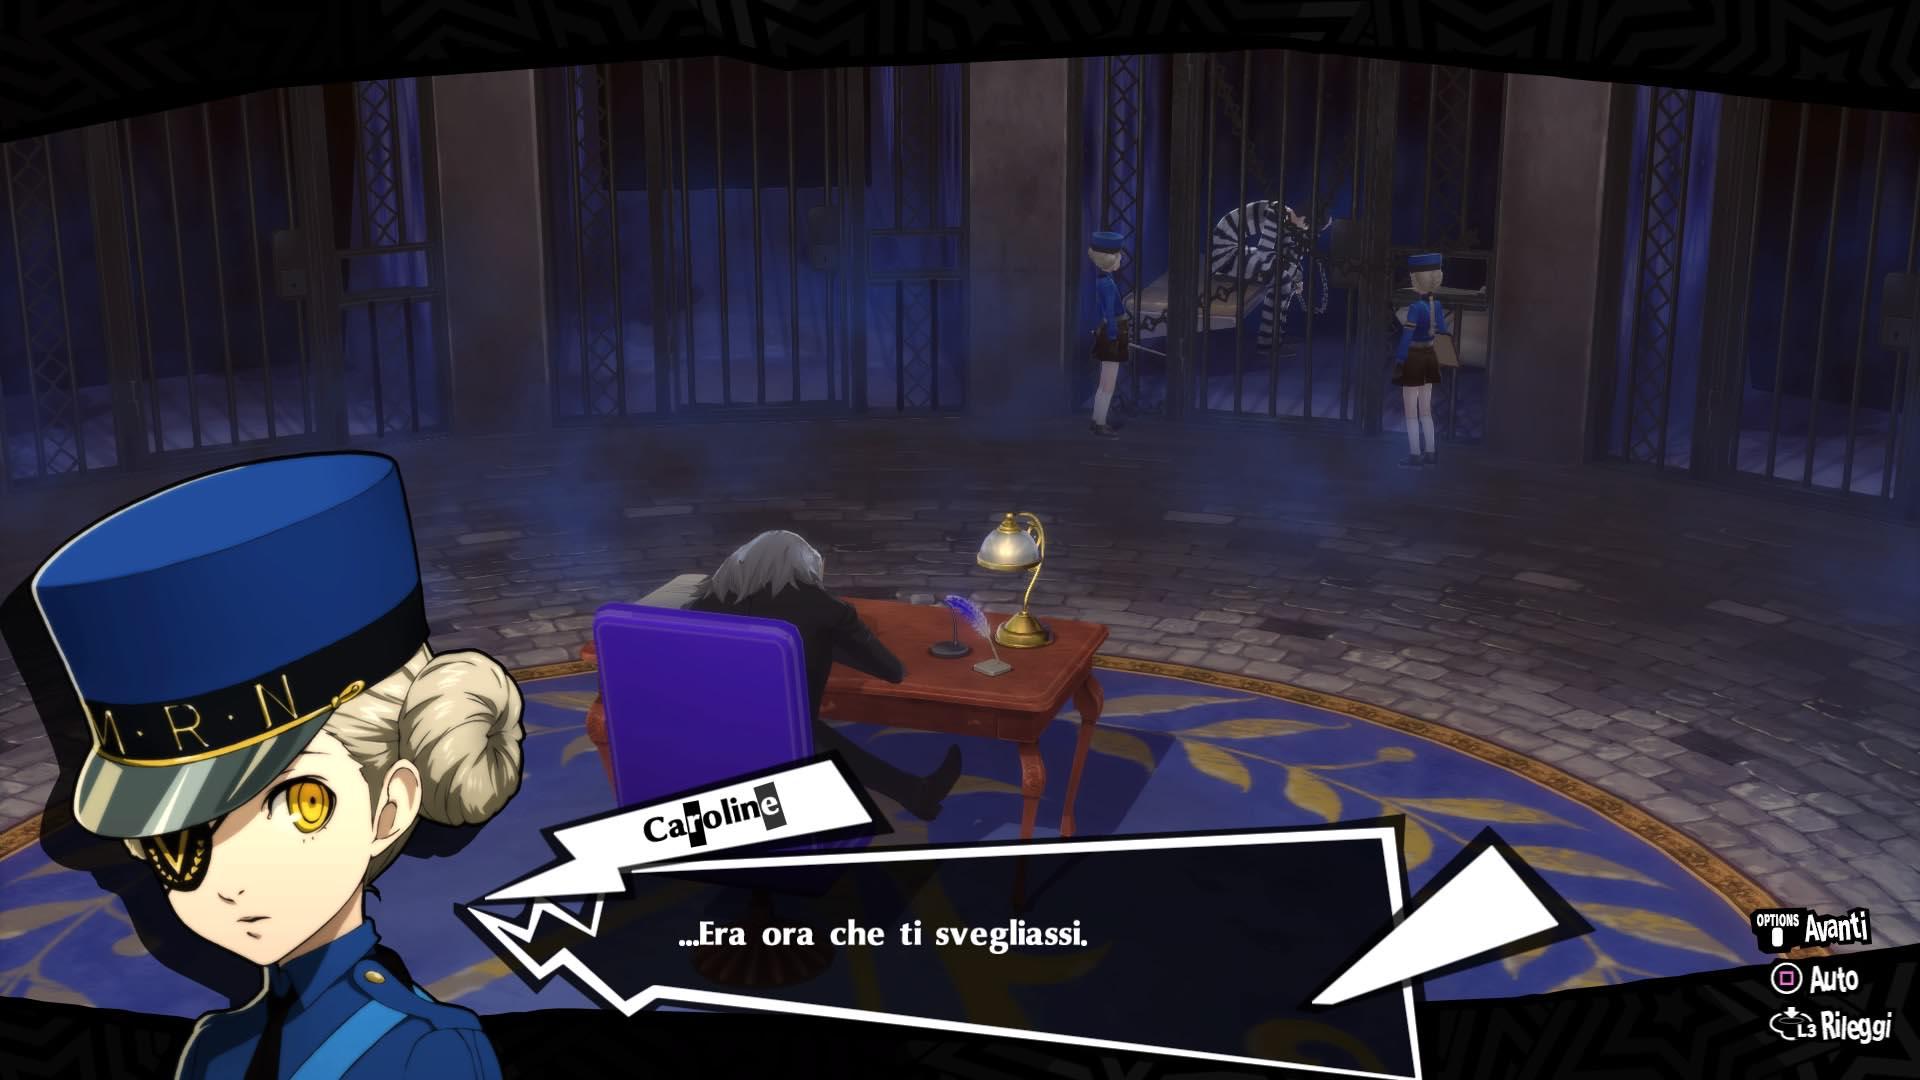 La Stanza di Velluto in Persona 5 Royal